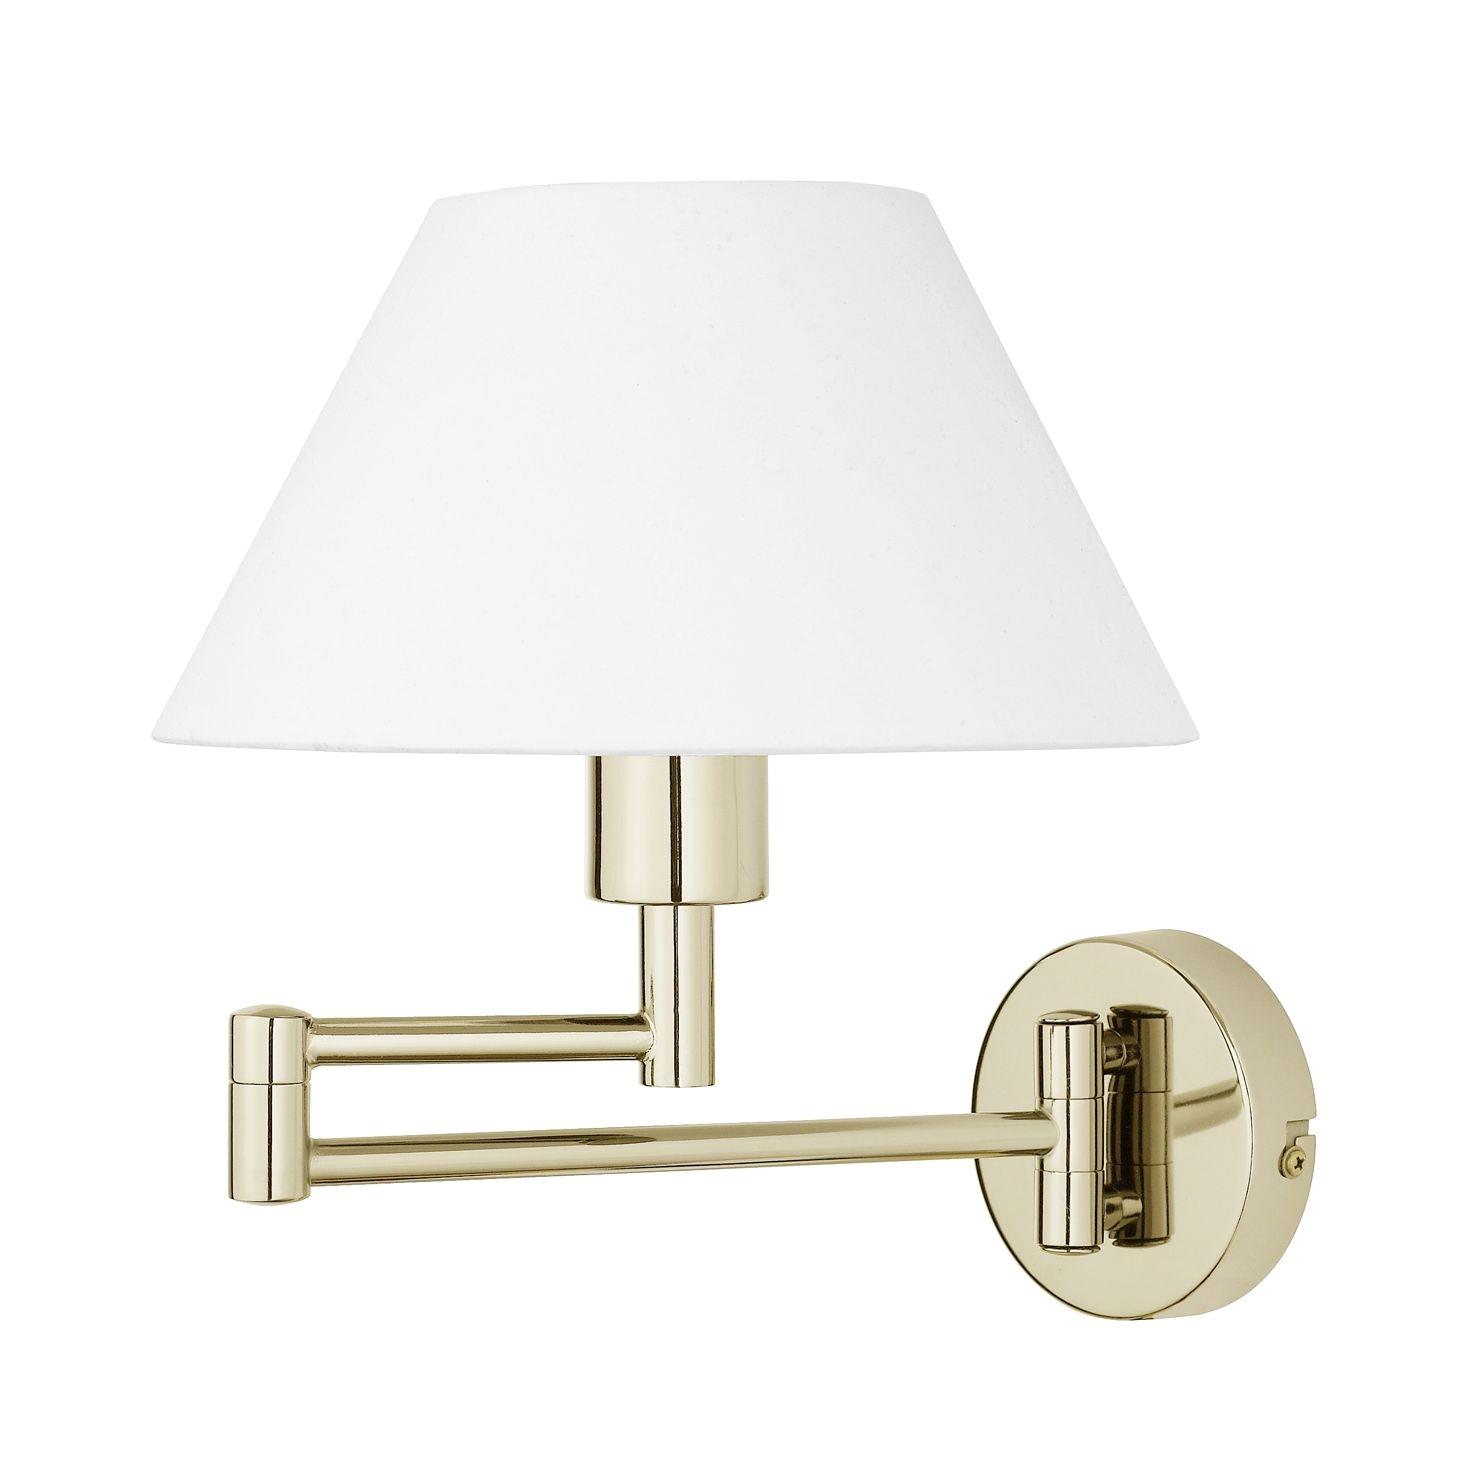 ralph lauren lighting fixtures goods gustaf swing arm wall lamp brass light pinterest ralph lauren lamps at homegoods bradshomefurnishings